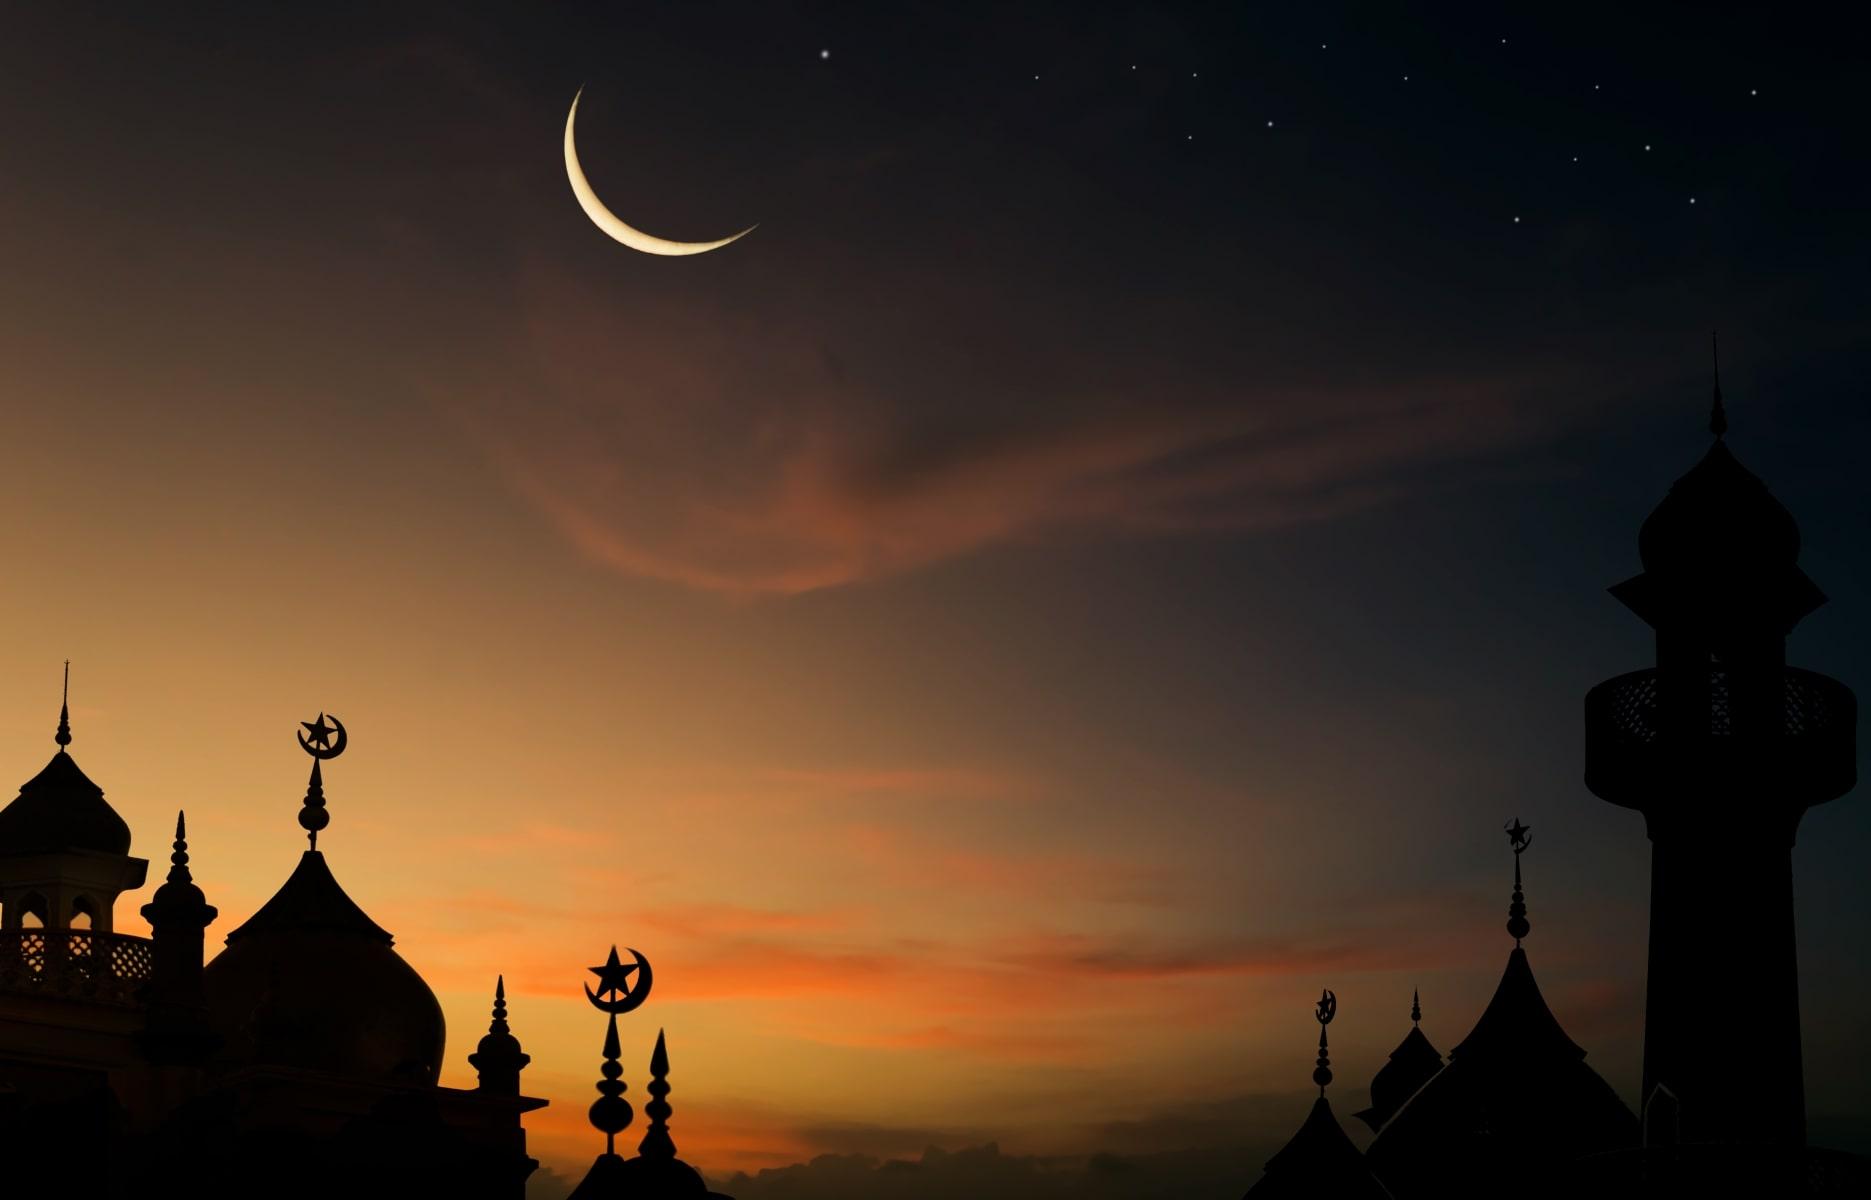 Ako je islam najbolja religija, zašto su onda mnogi muslimani nepošteni, nepouzdani i umiješani u mnoge loše stvari?